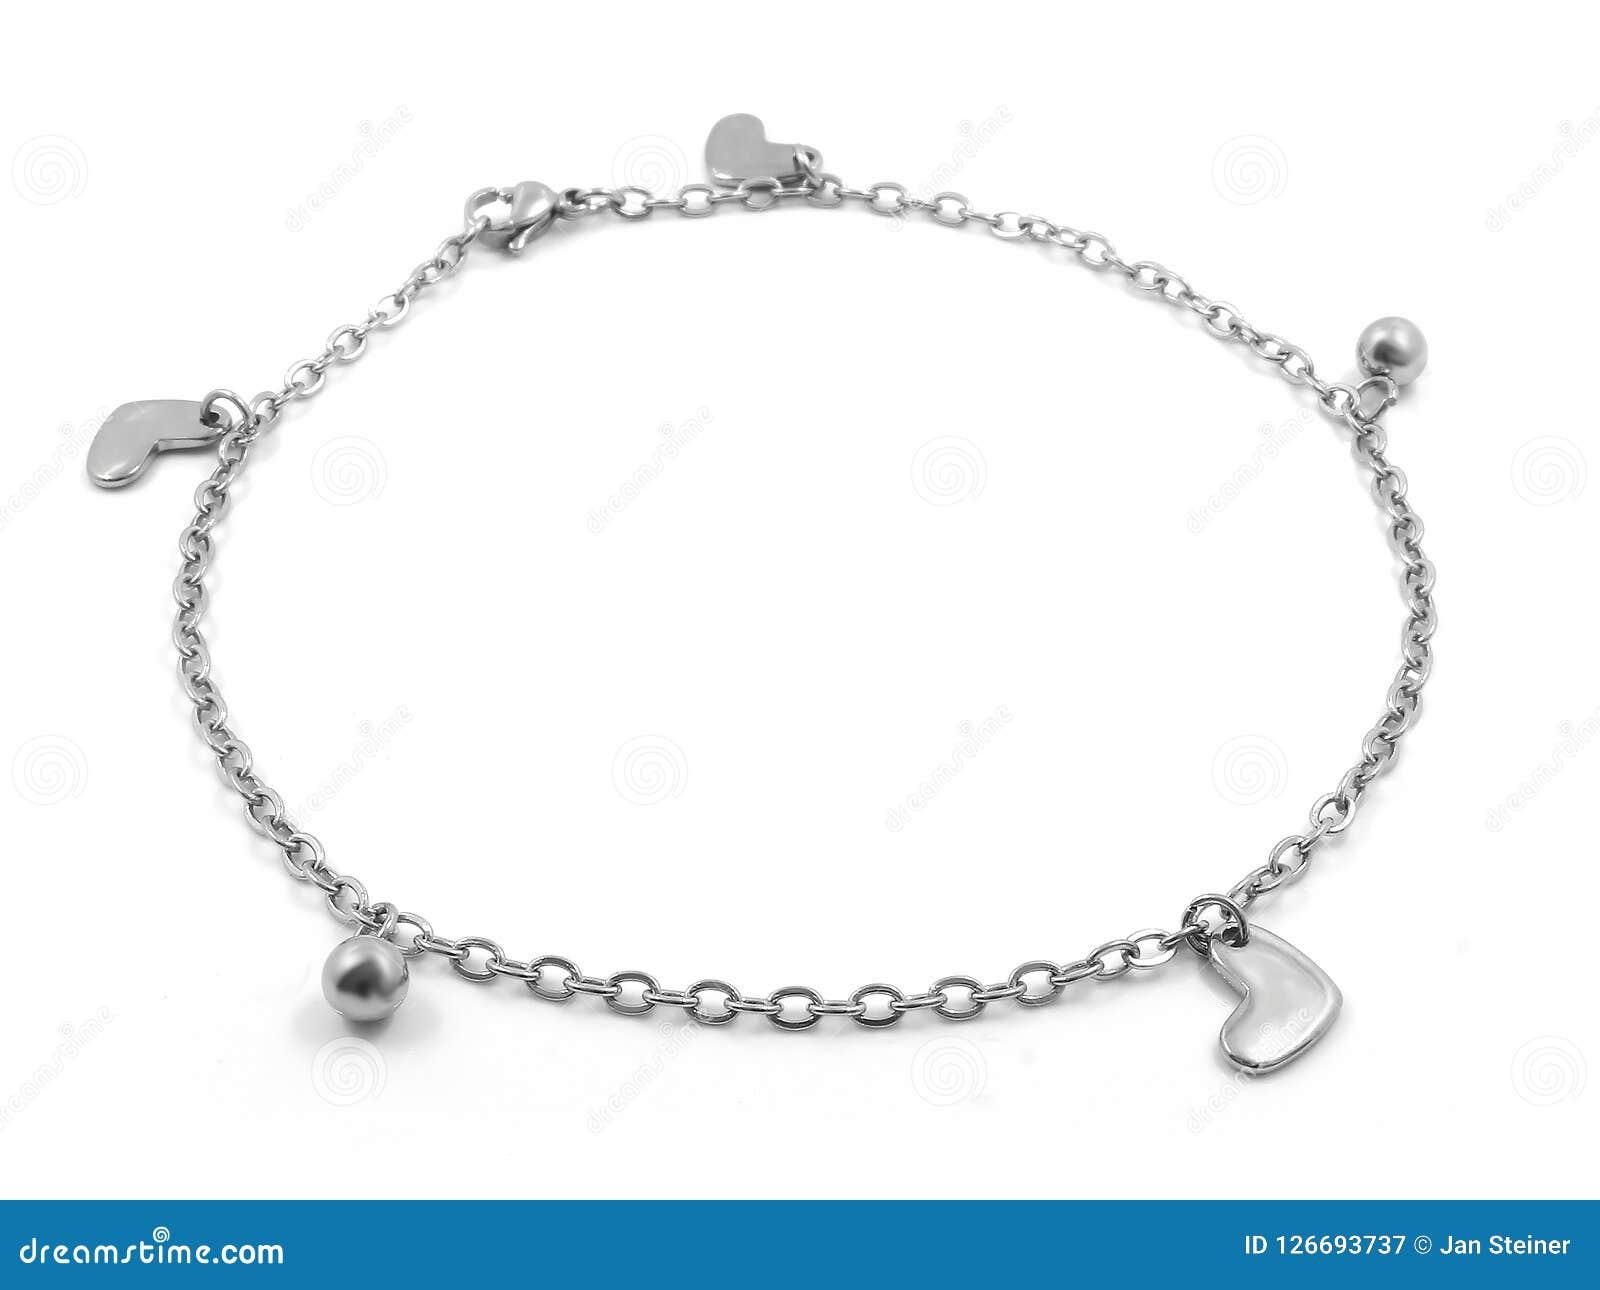 Bracelete de tornozelo bangle Aço inoxidável